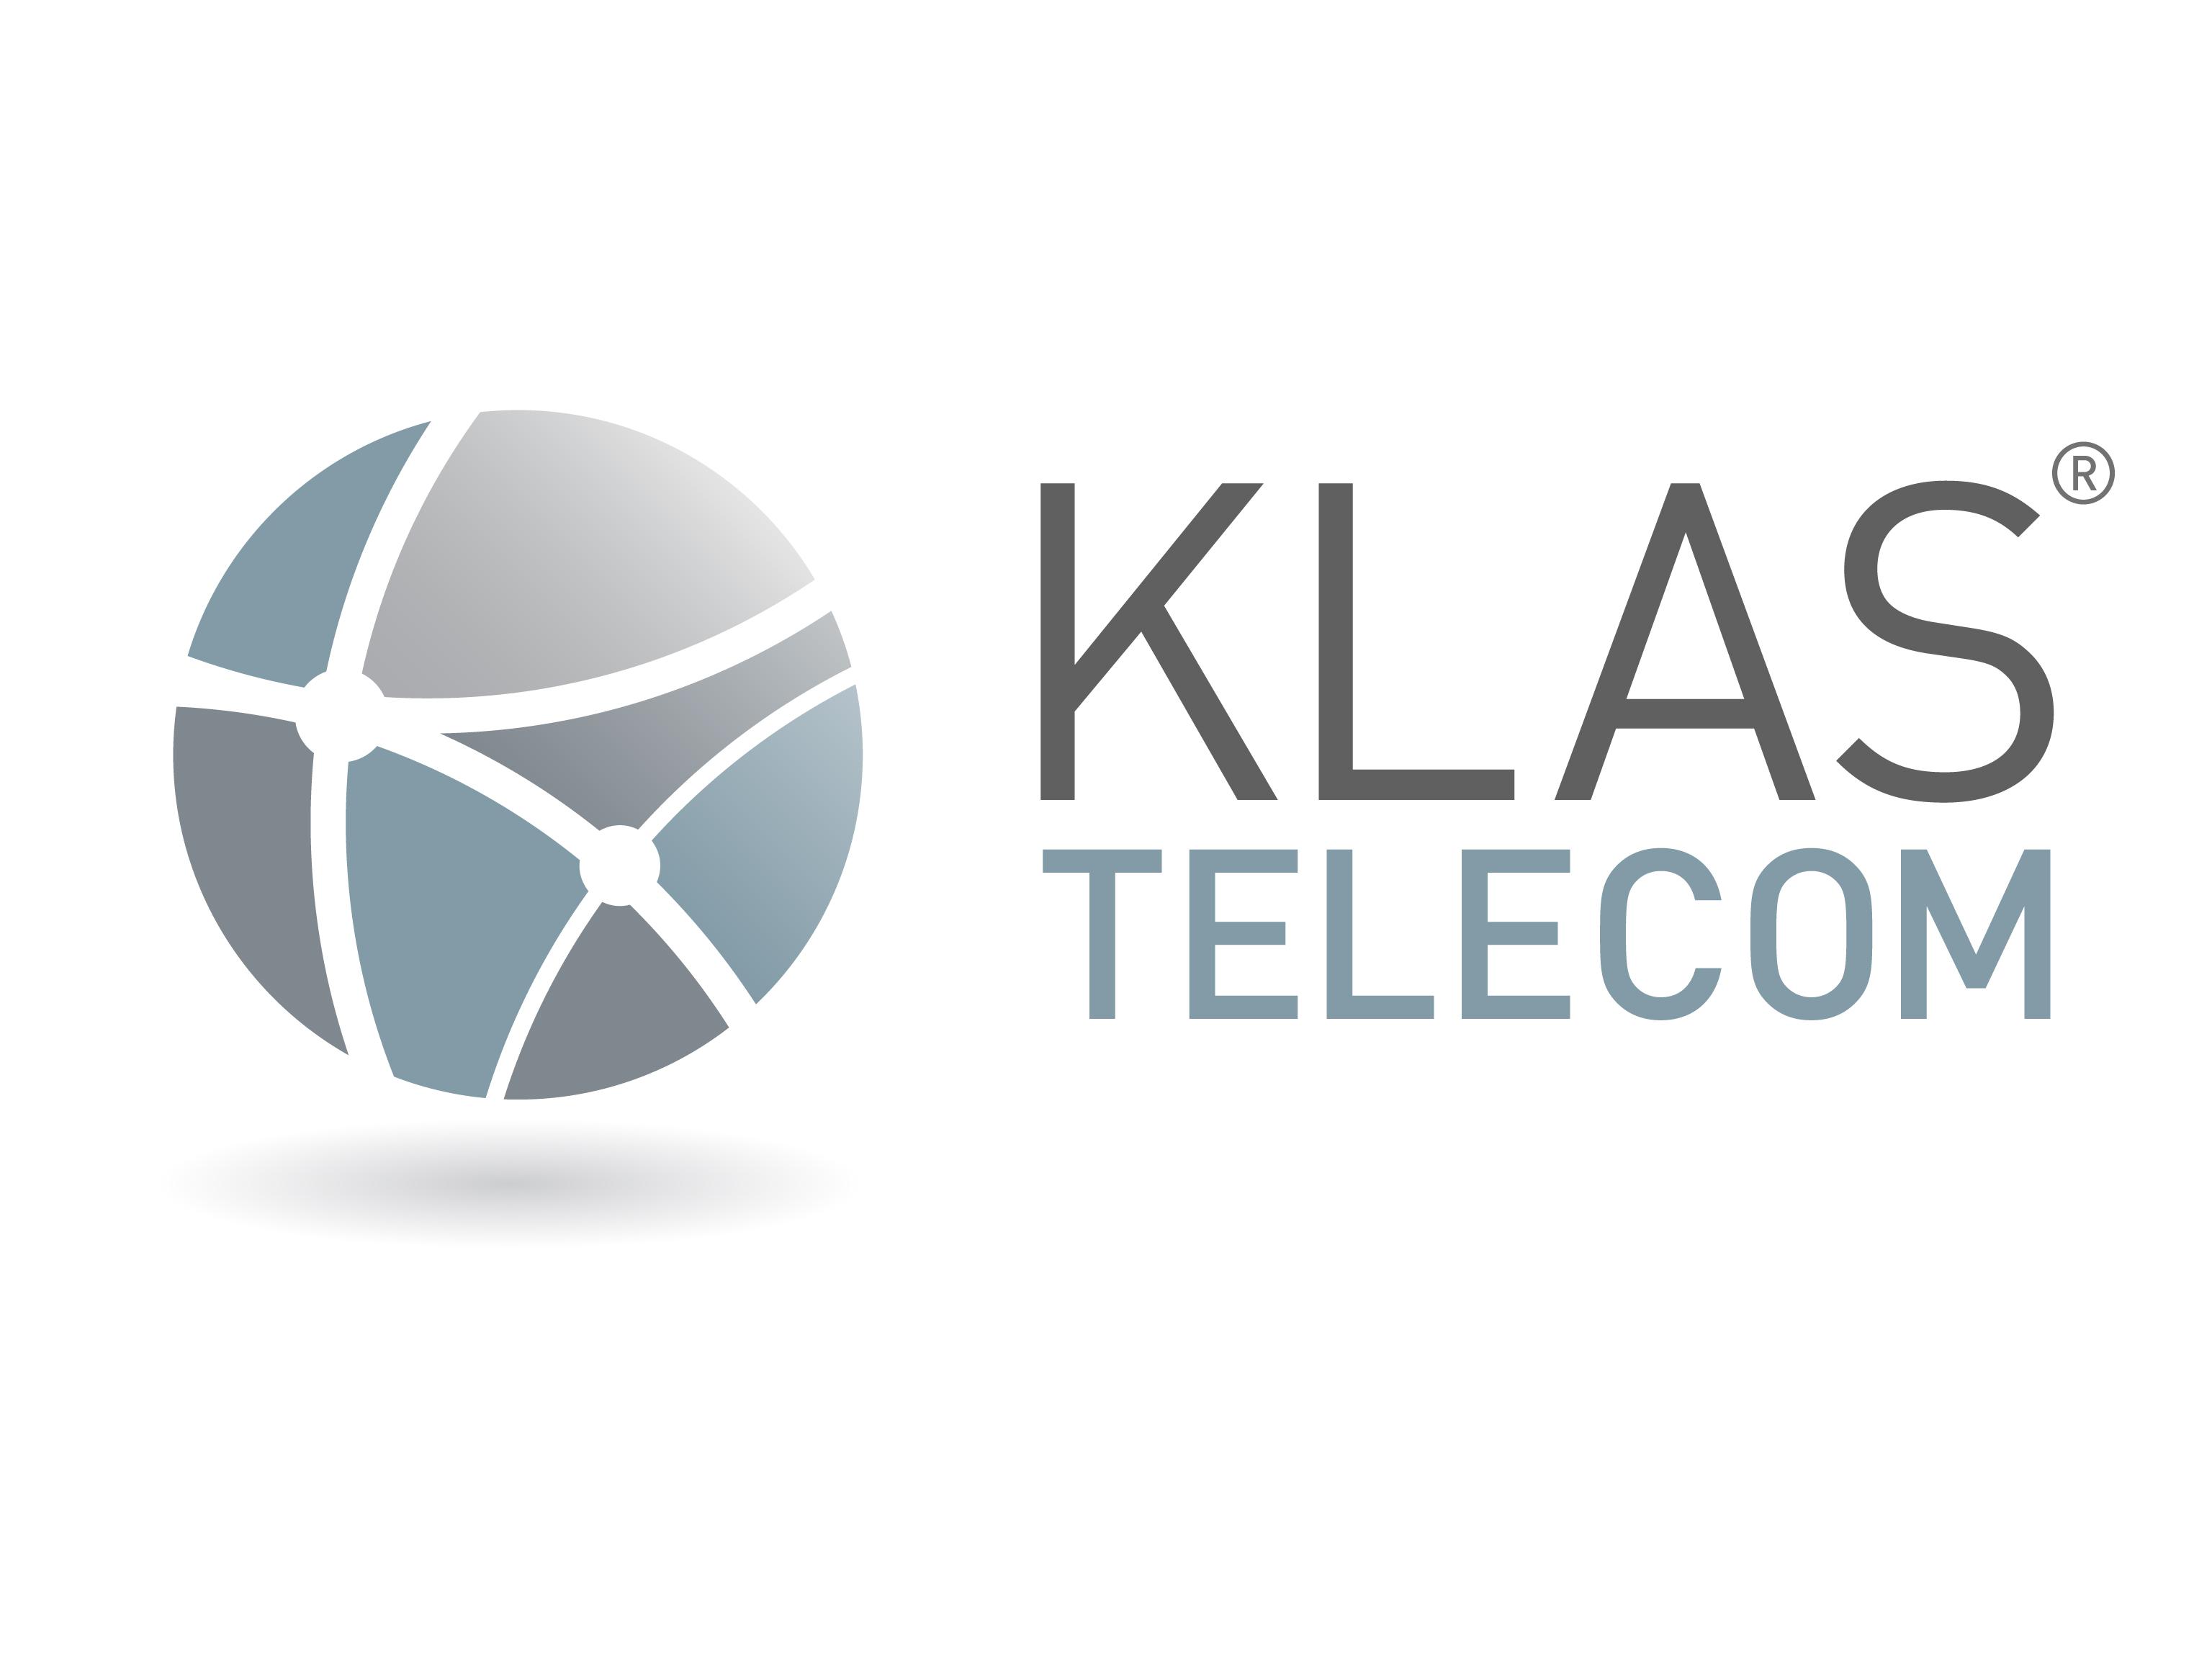 Klas Telecom